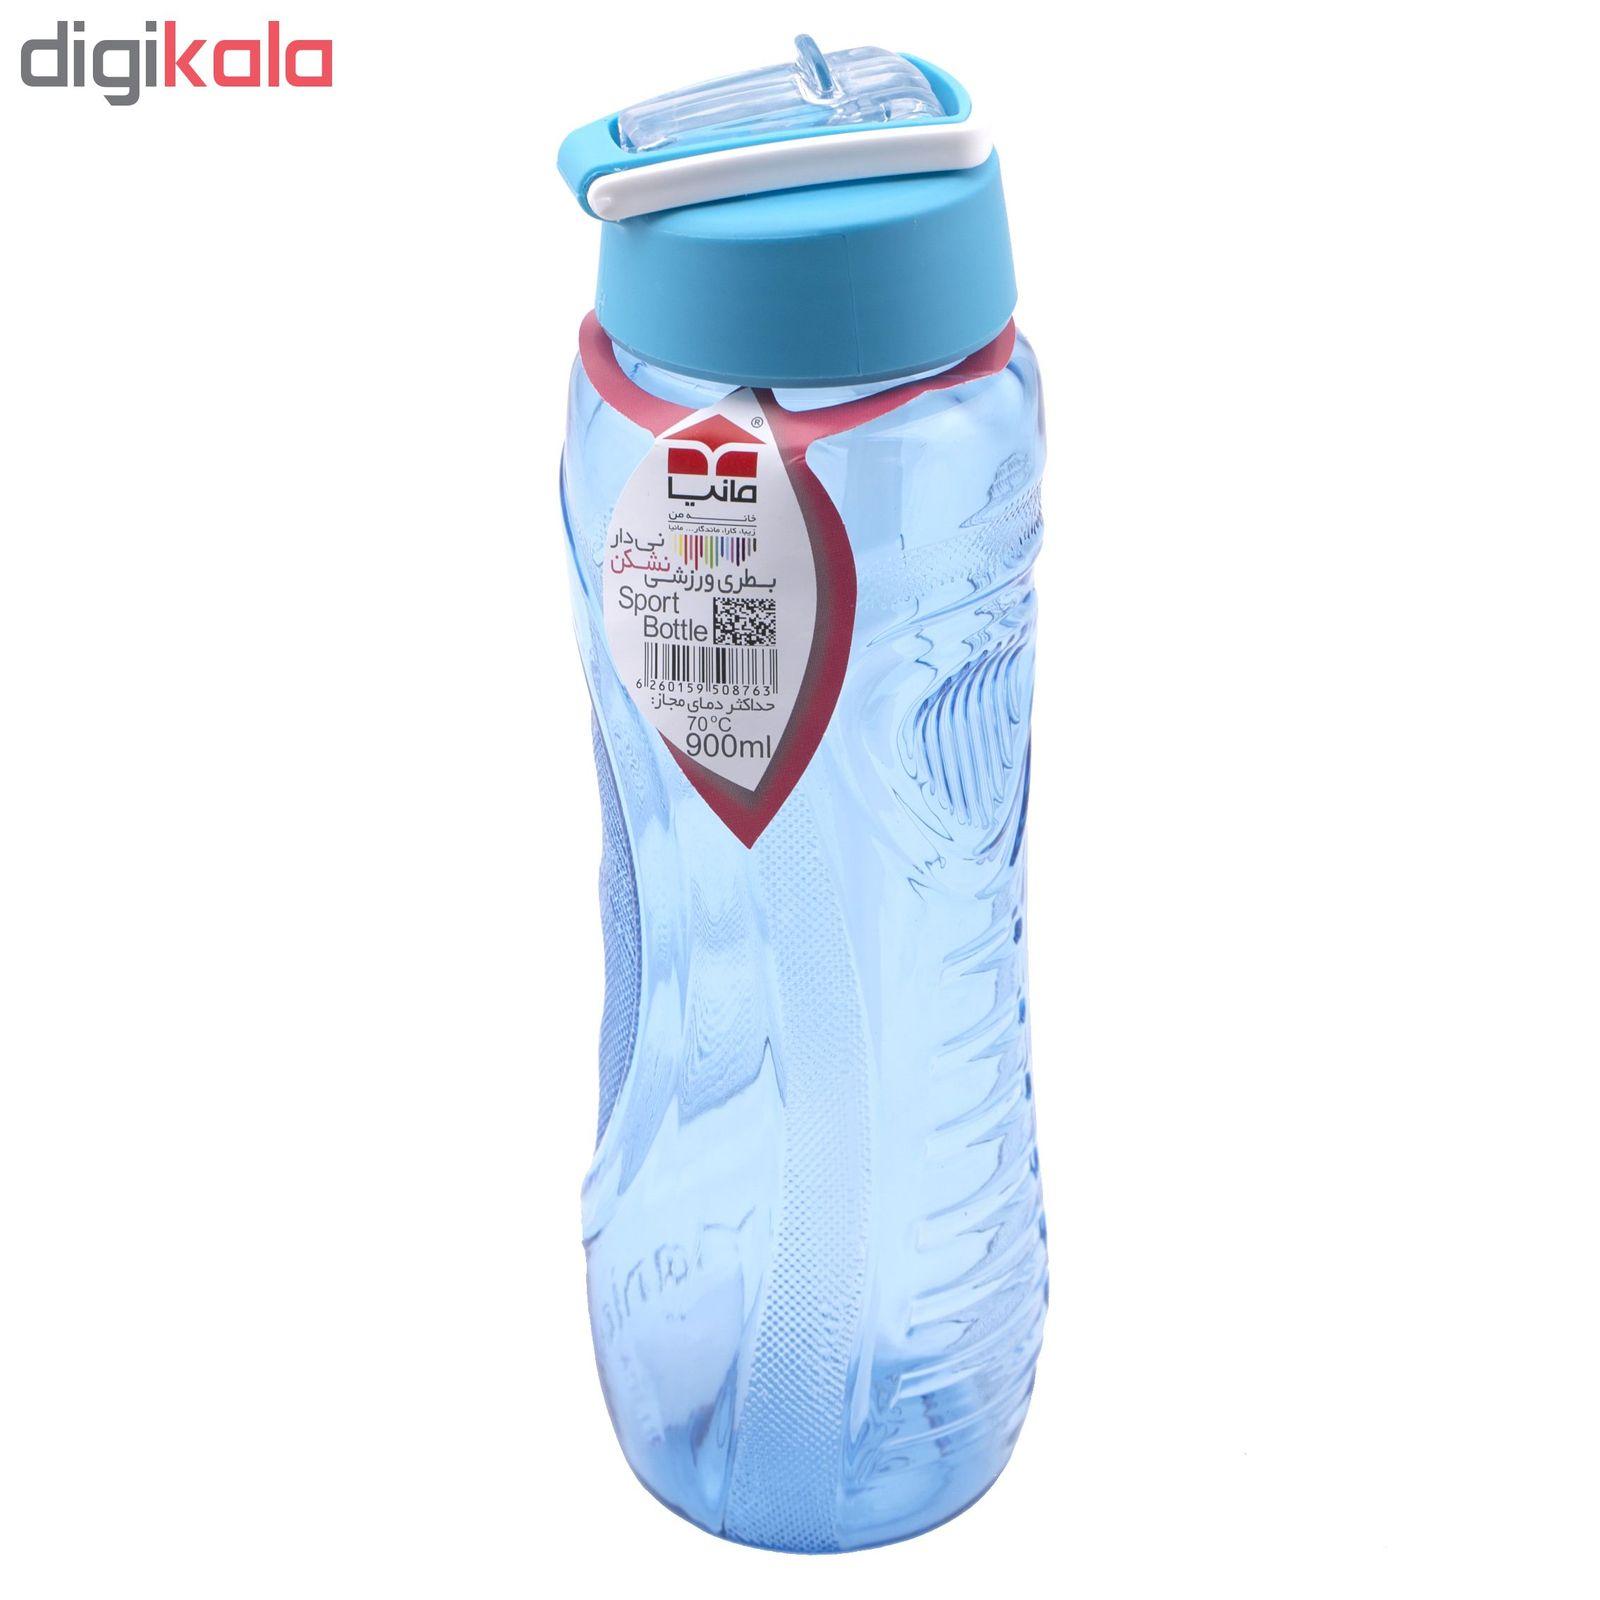 بطری ورزشی نشکن مانیا نی دار بزرگ مدل Mp103111 گنجایش  0.9 لیتر main 1 4